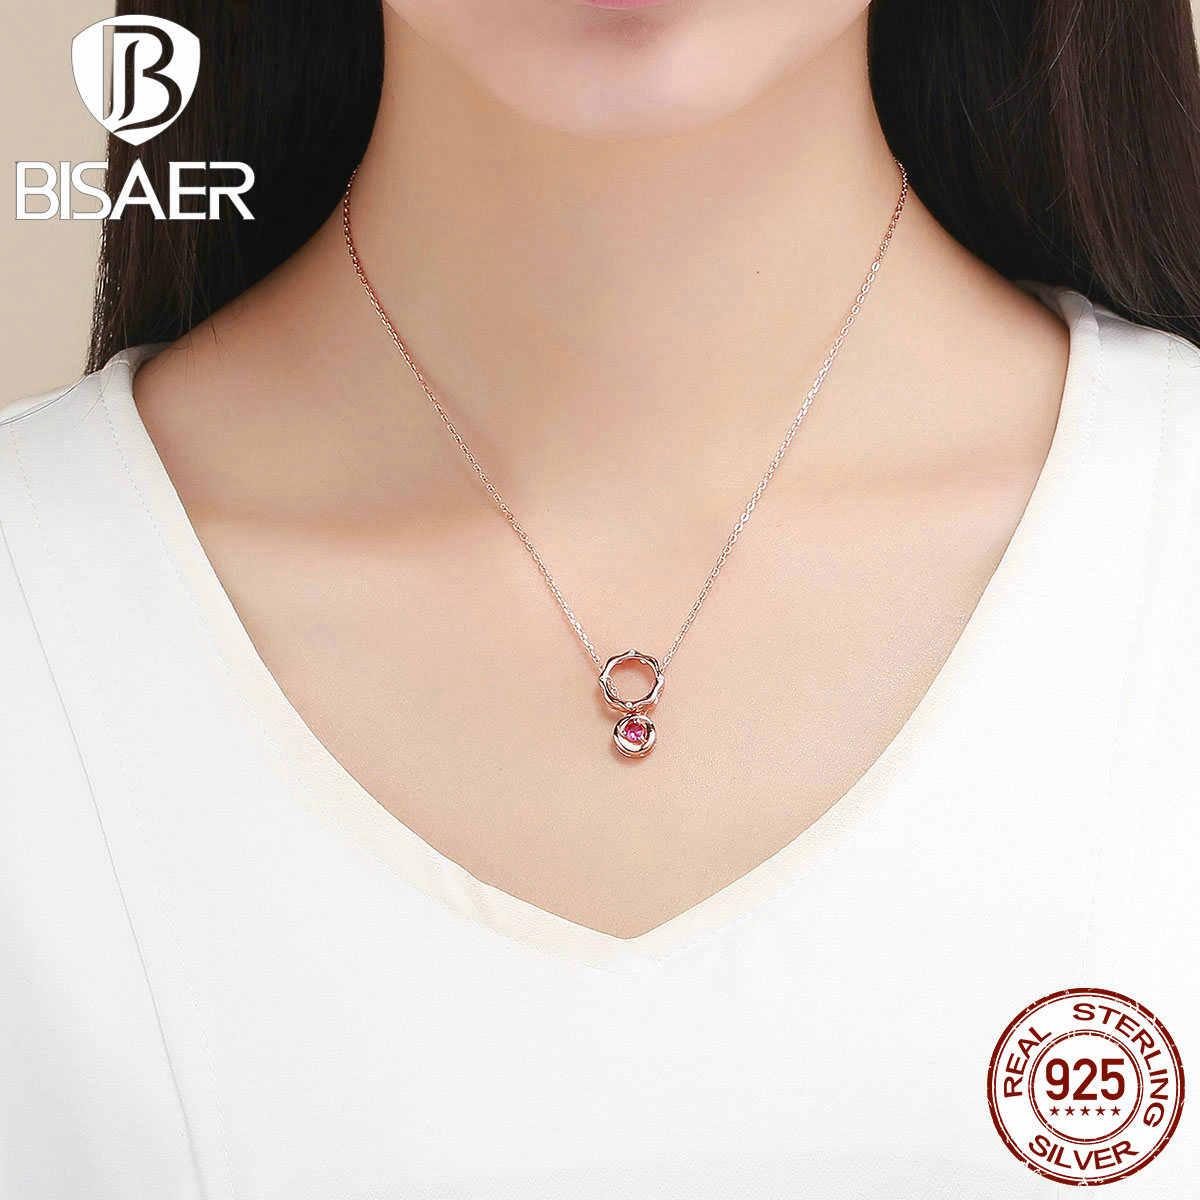 BISAER романтическая 925 пробы Серебряная роза в форме цветка Подвески Розовое золото Цвет Розовый циркон женские ожерелья серебряные ювелирные изделия EFN037